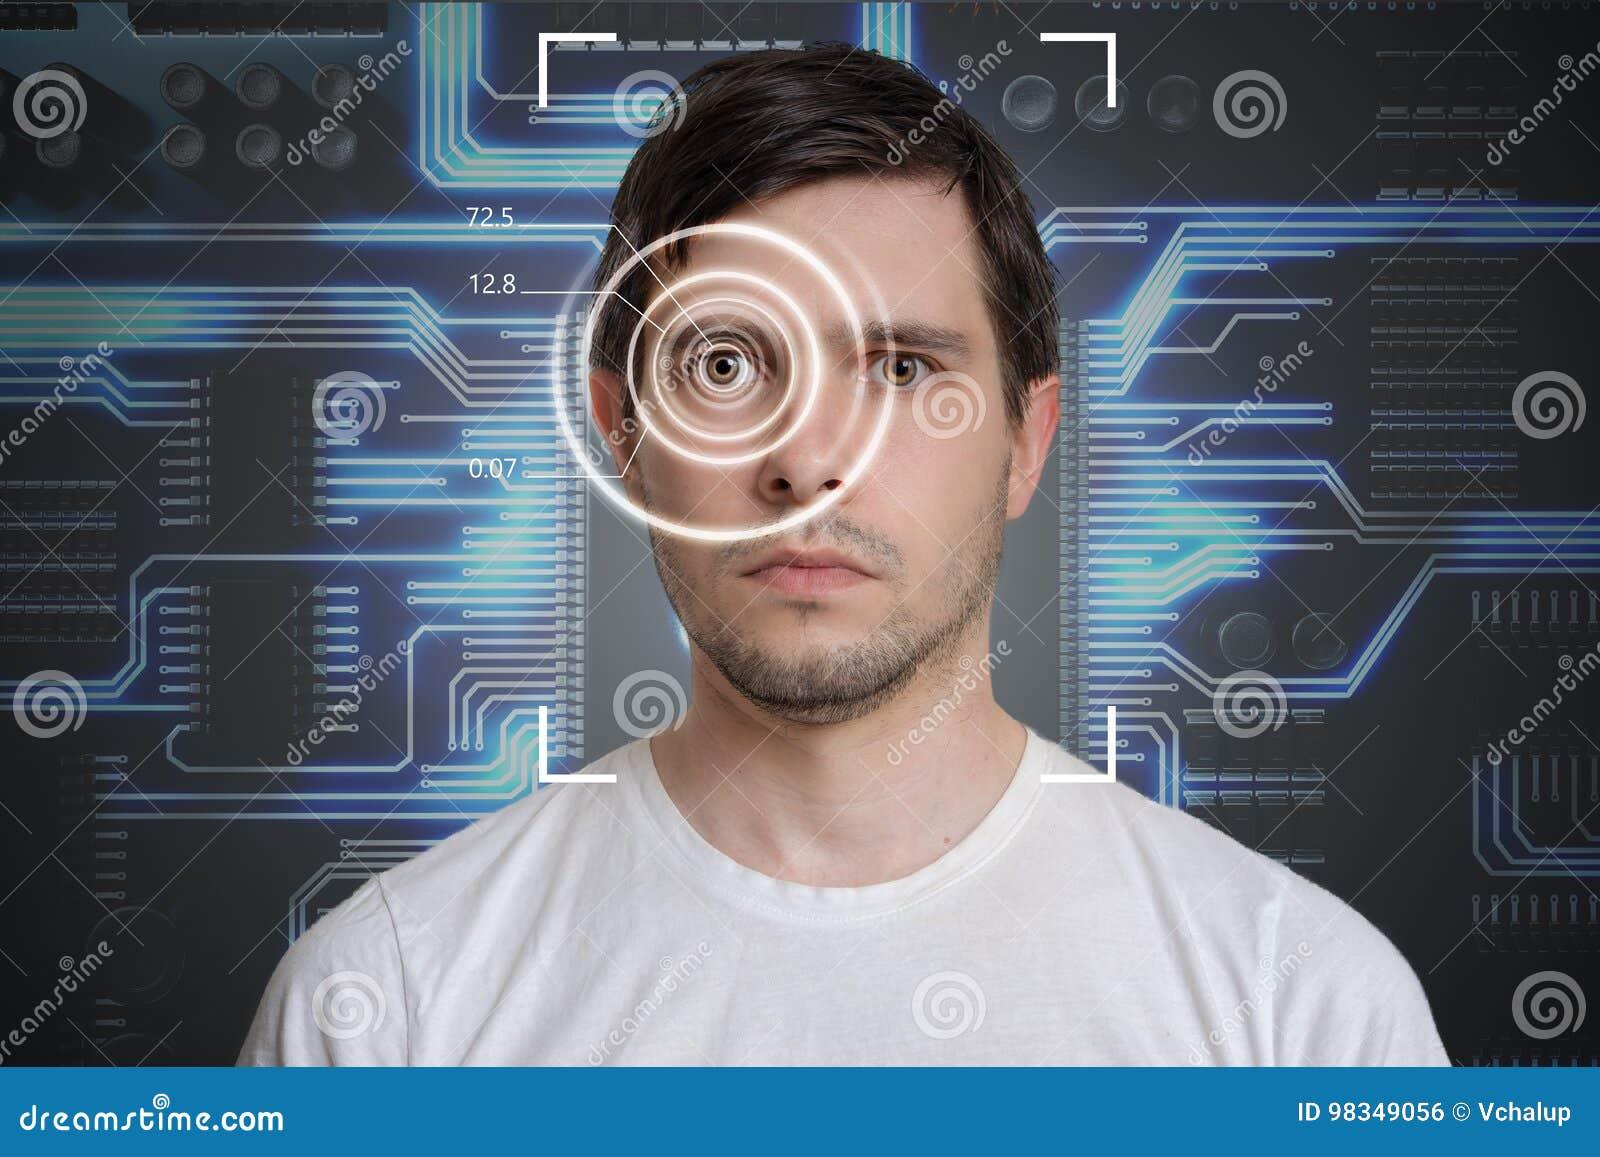 Detección de la cara y reconocimiento del hombre Concepto de la visión de ordenador Circuito electrónico en fondo